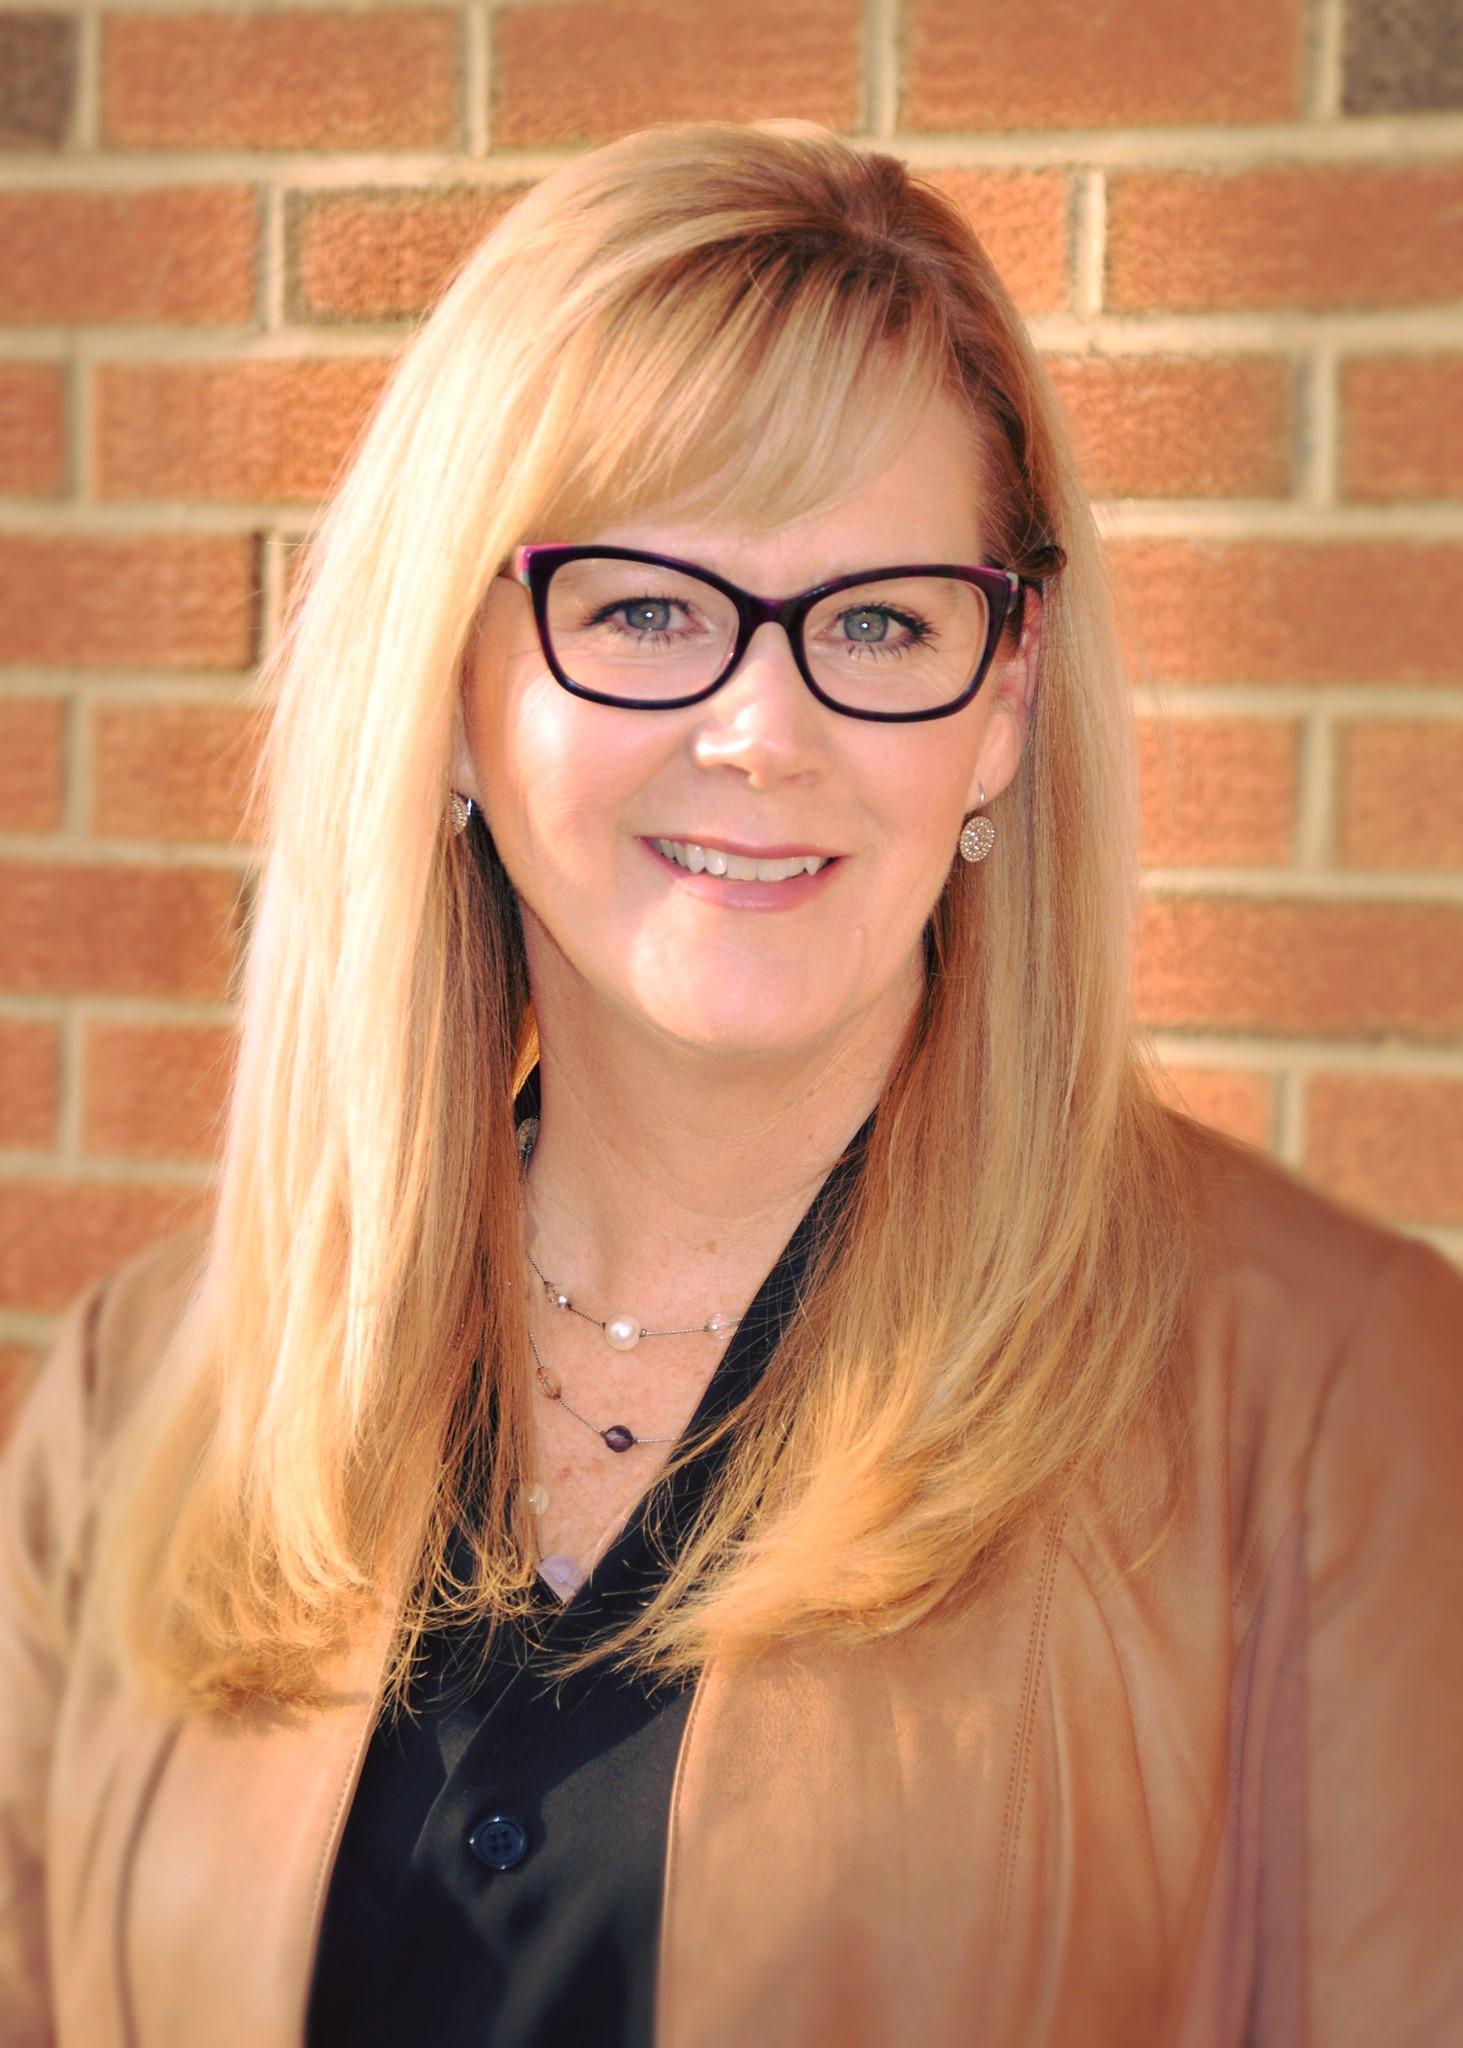 Tana Nixon